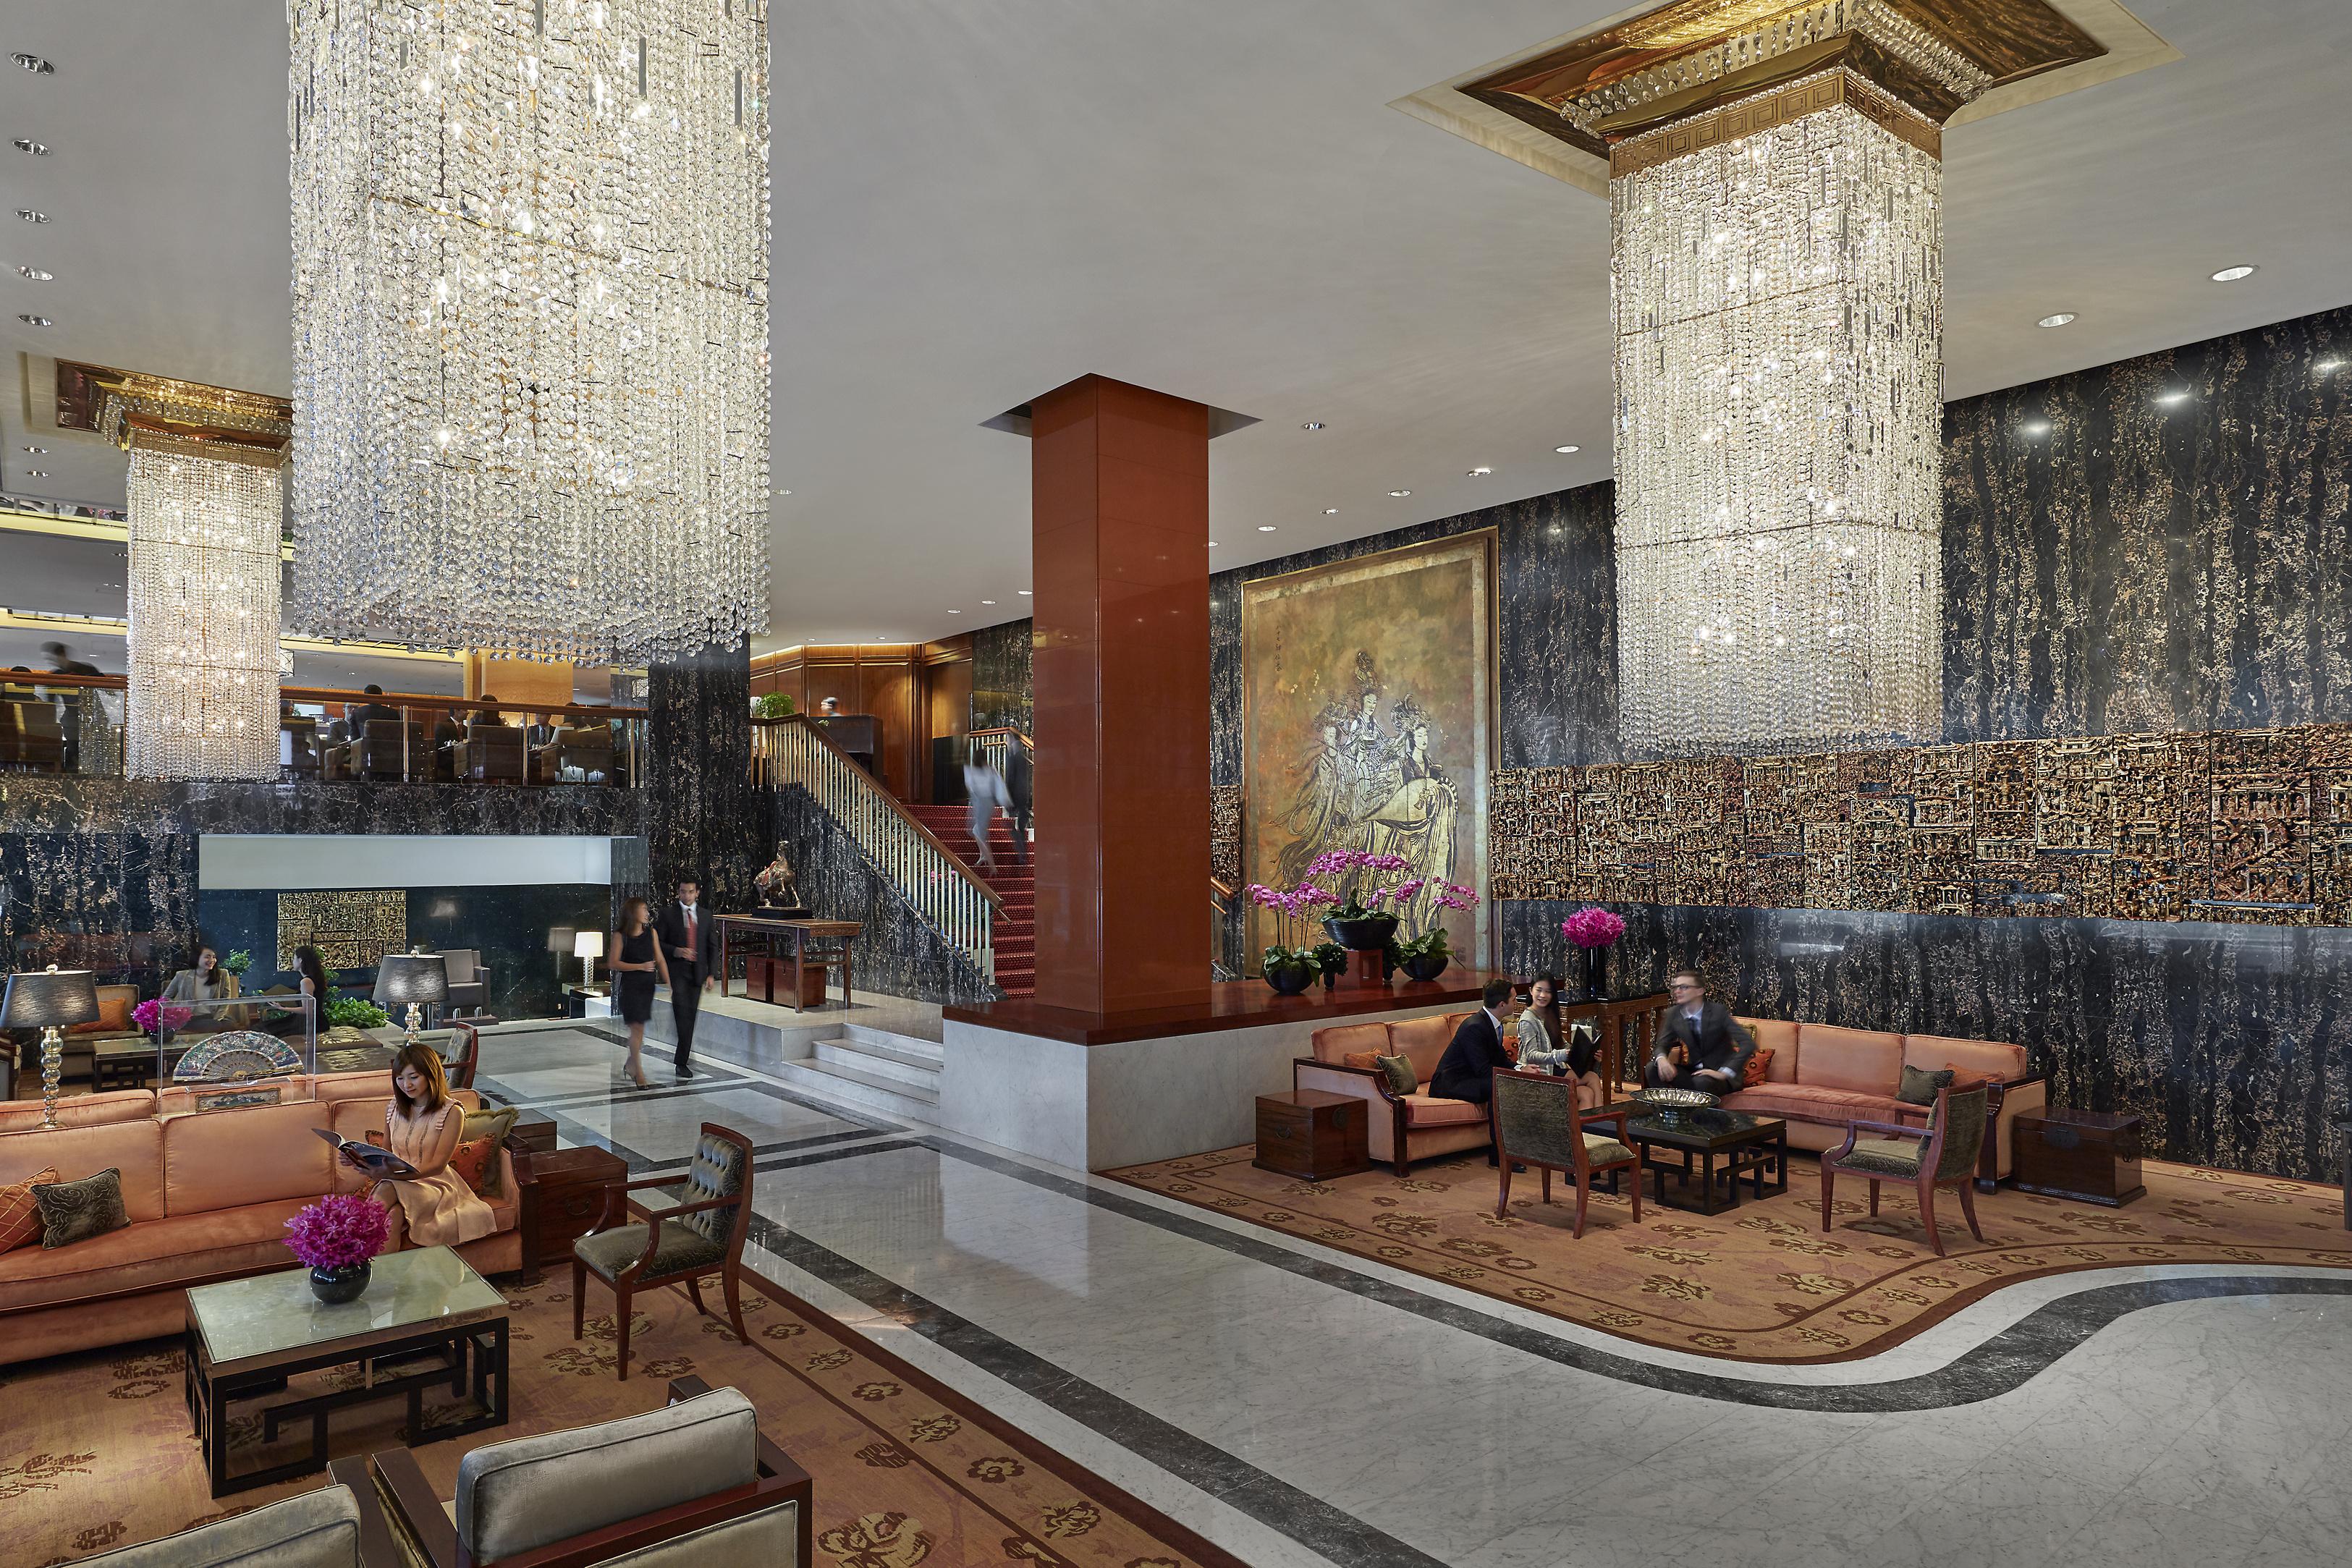 10 Best Hotels in Hong Kong